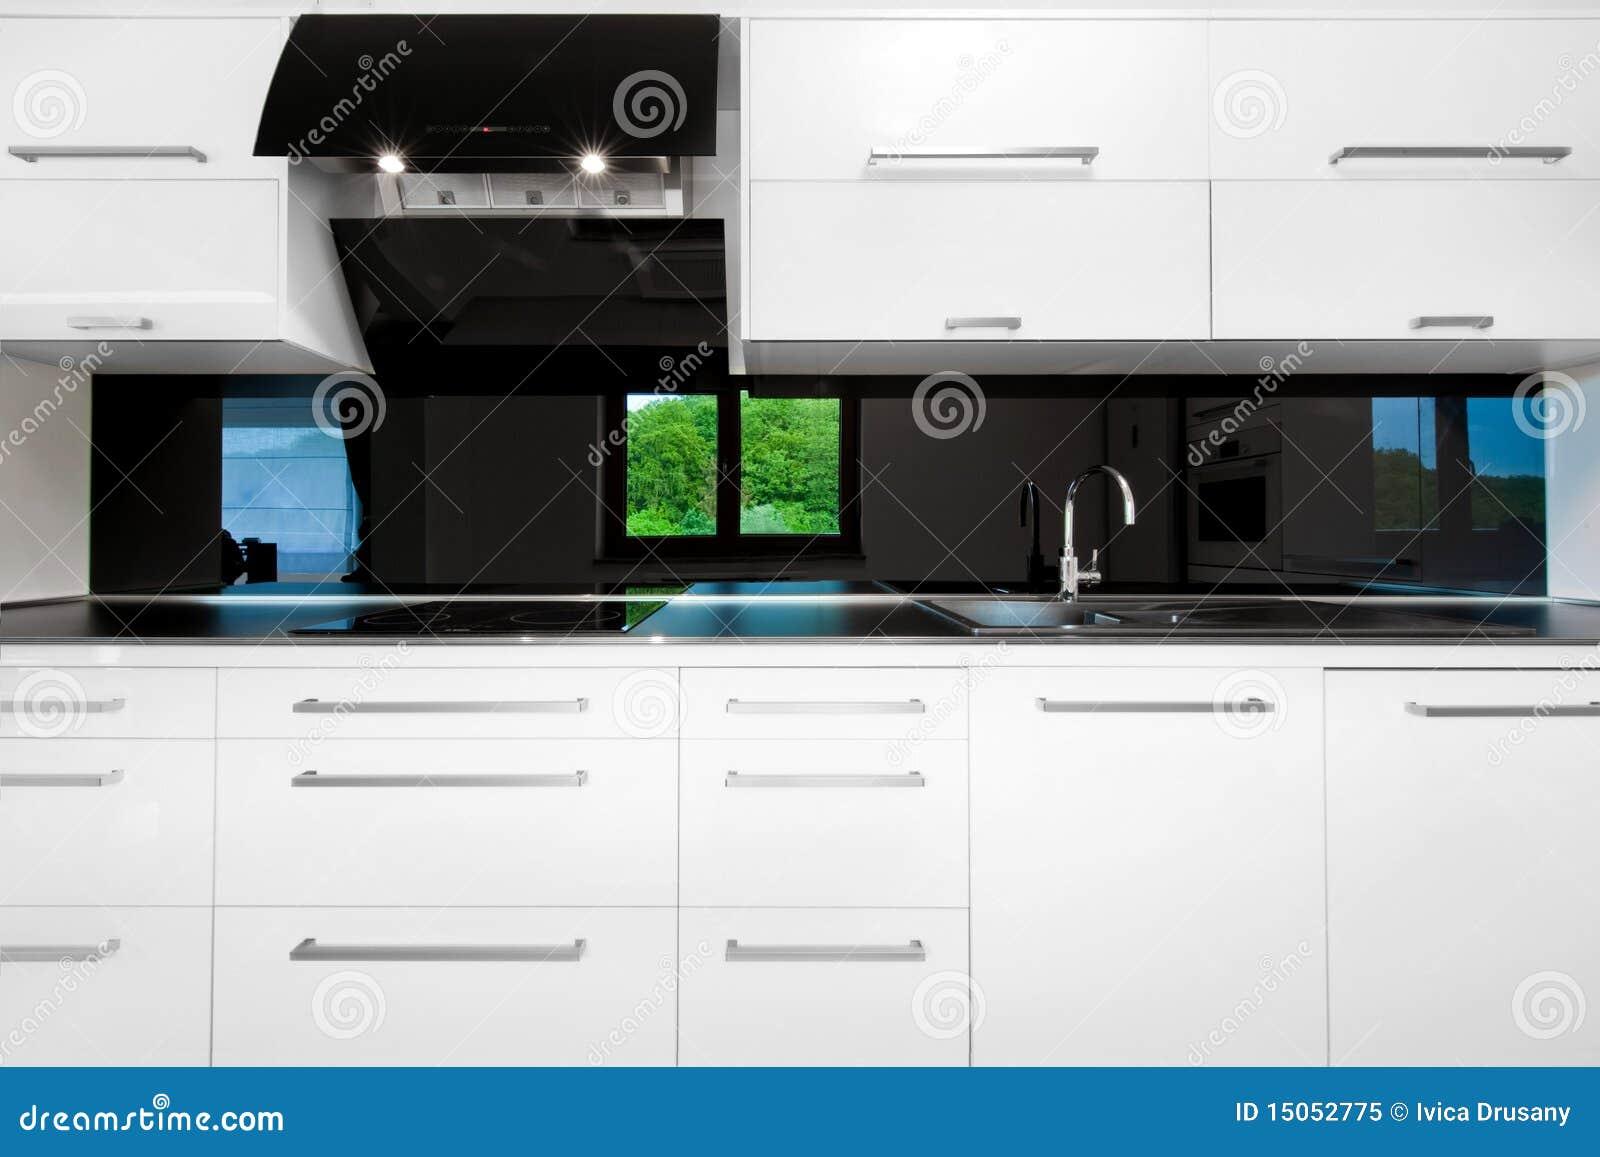 Cocina De Alta Tecnolog A De Lujo Blanca Con La Barra Front View  # Keuken Muebles De Cocina